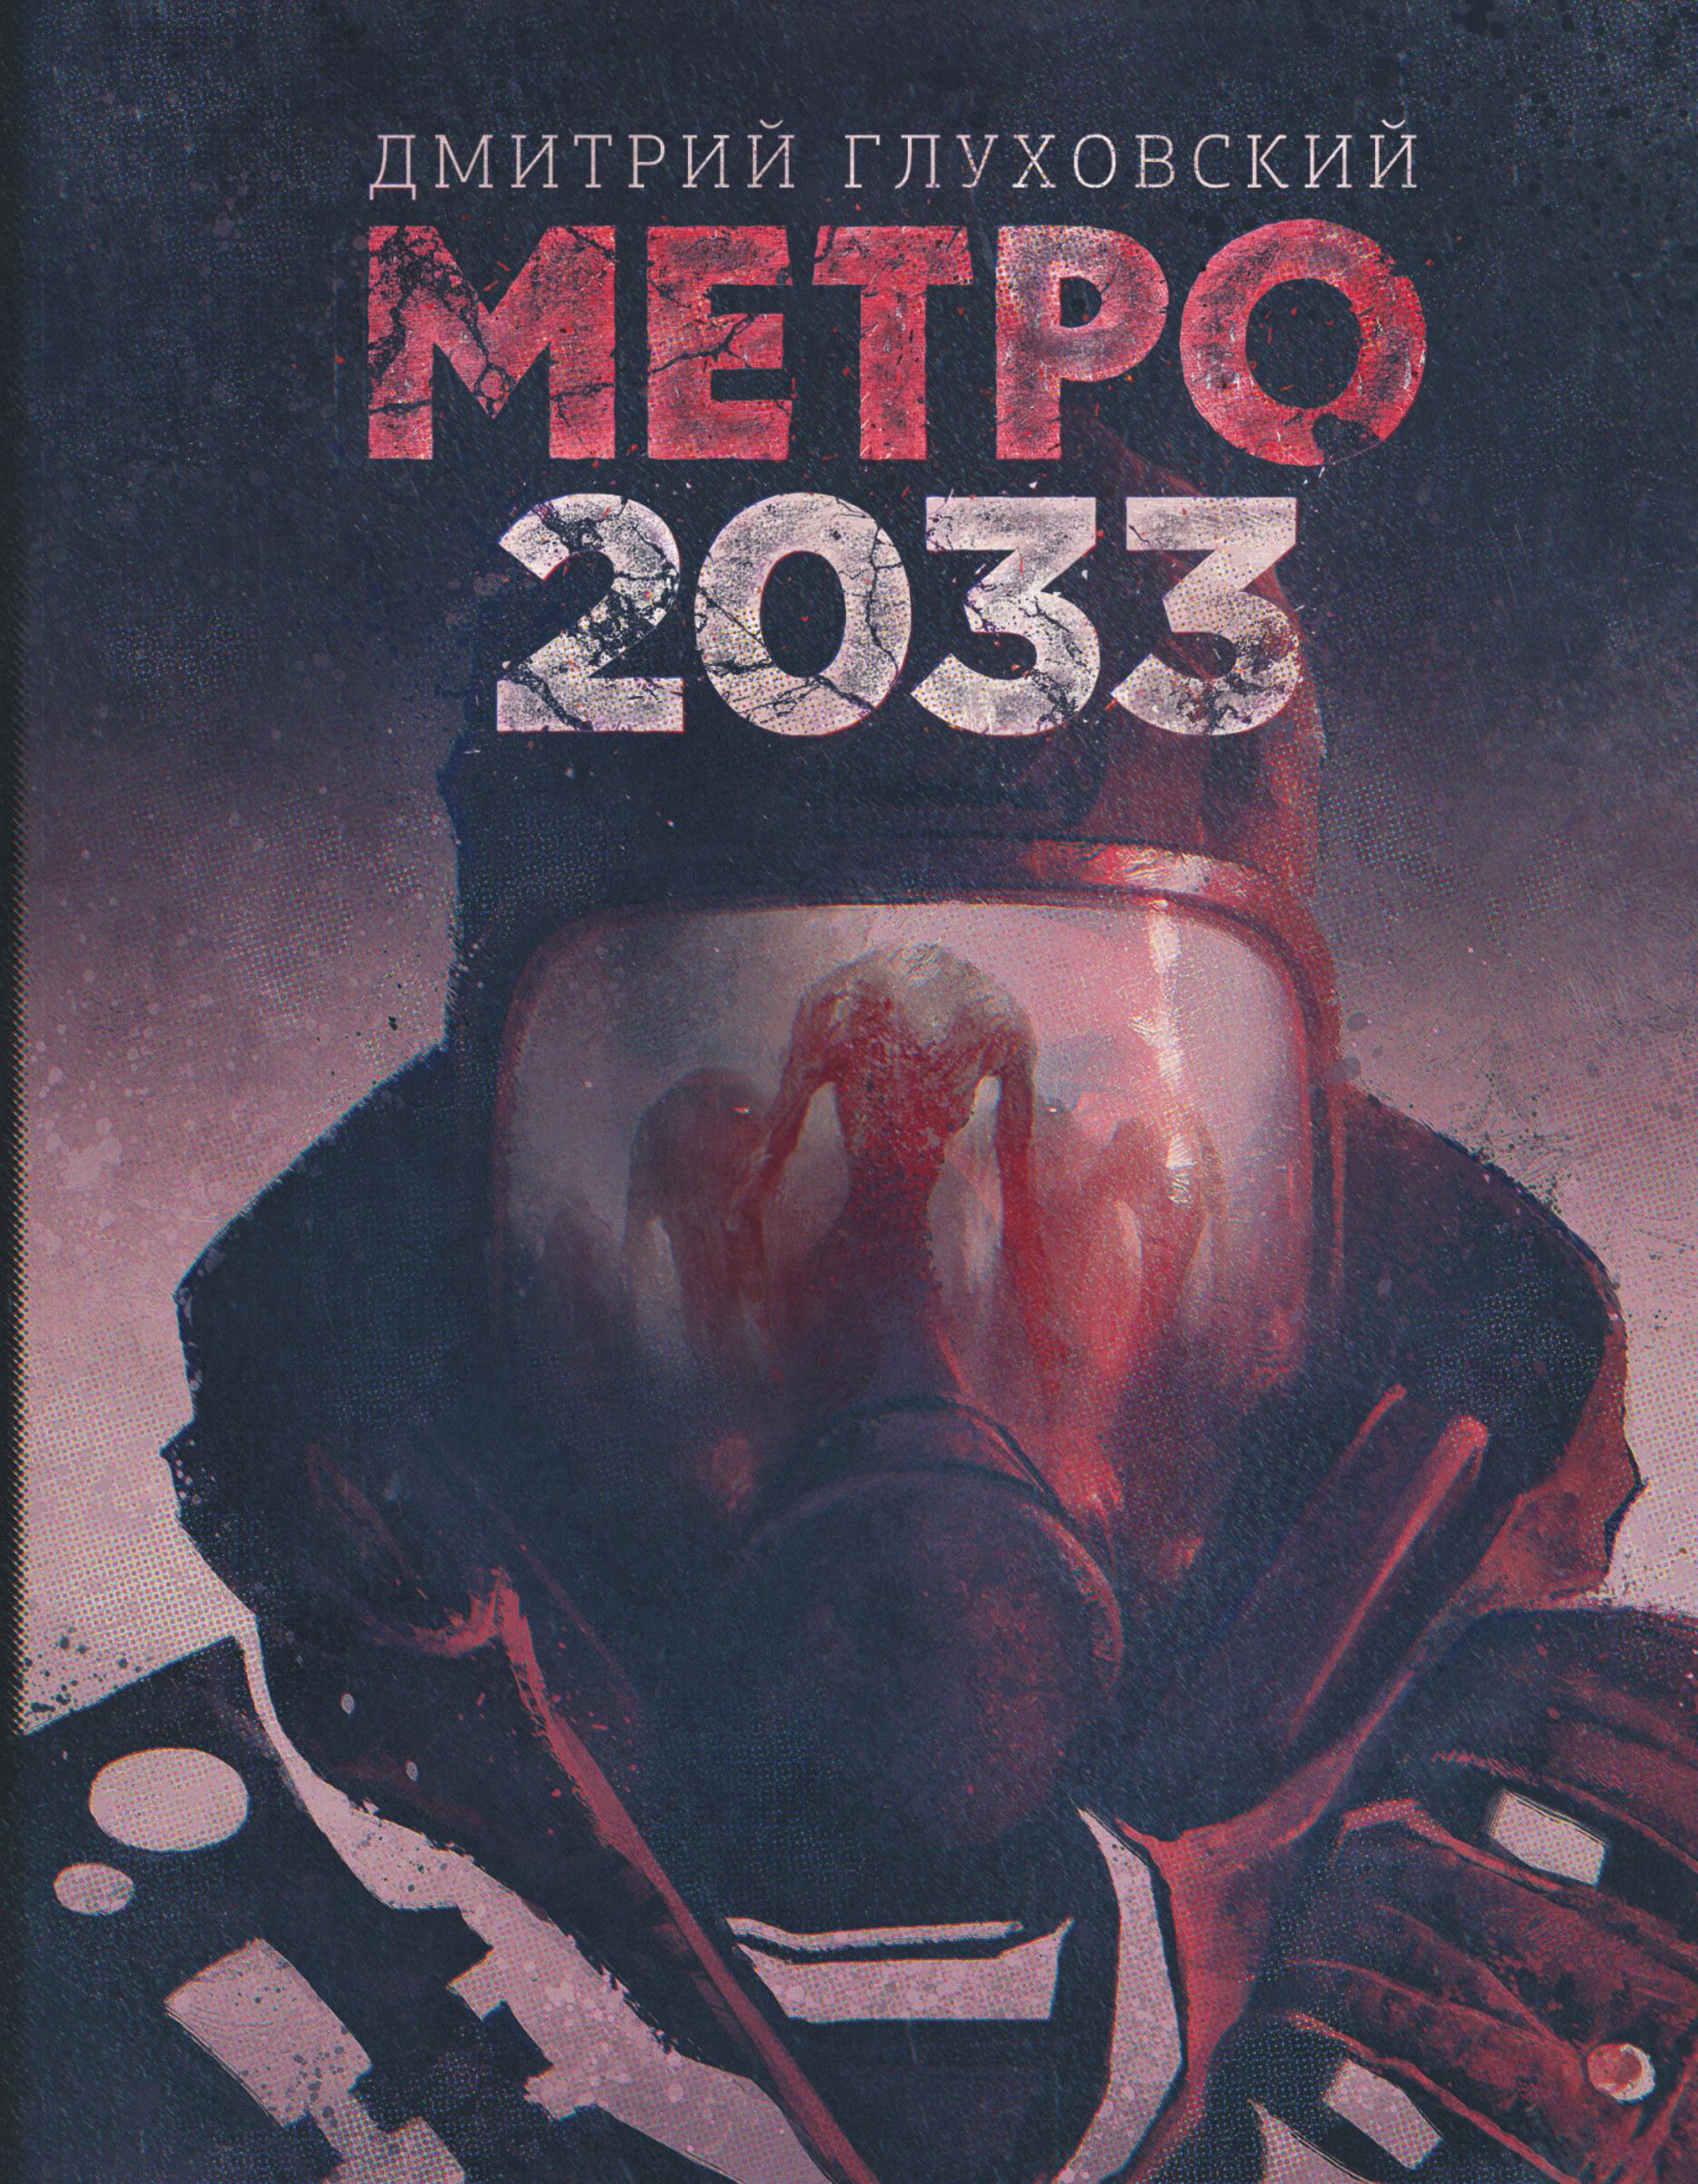 Глуховский Д.А. Метро 2033 сергей семенов метро 2033 о чем молчат выжившие сборник